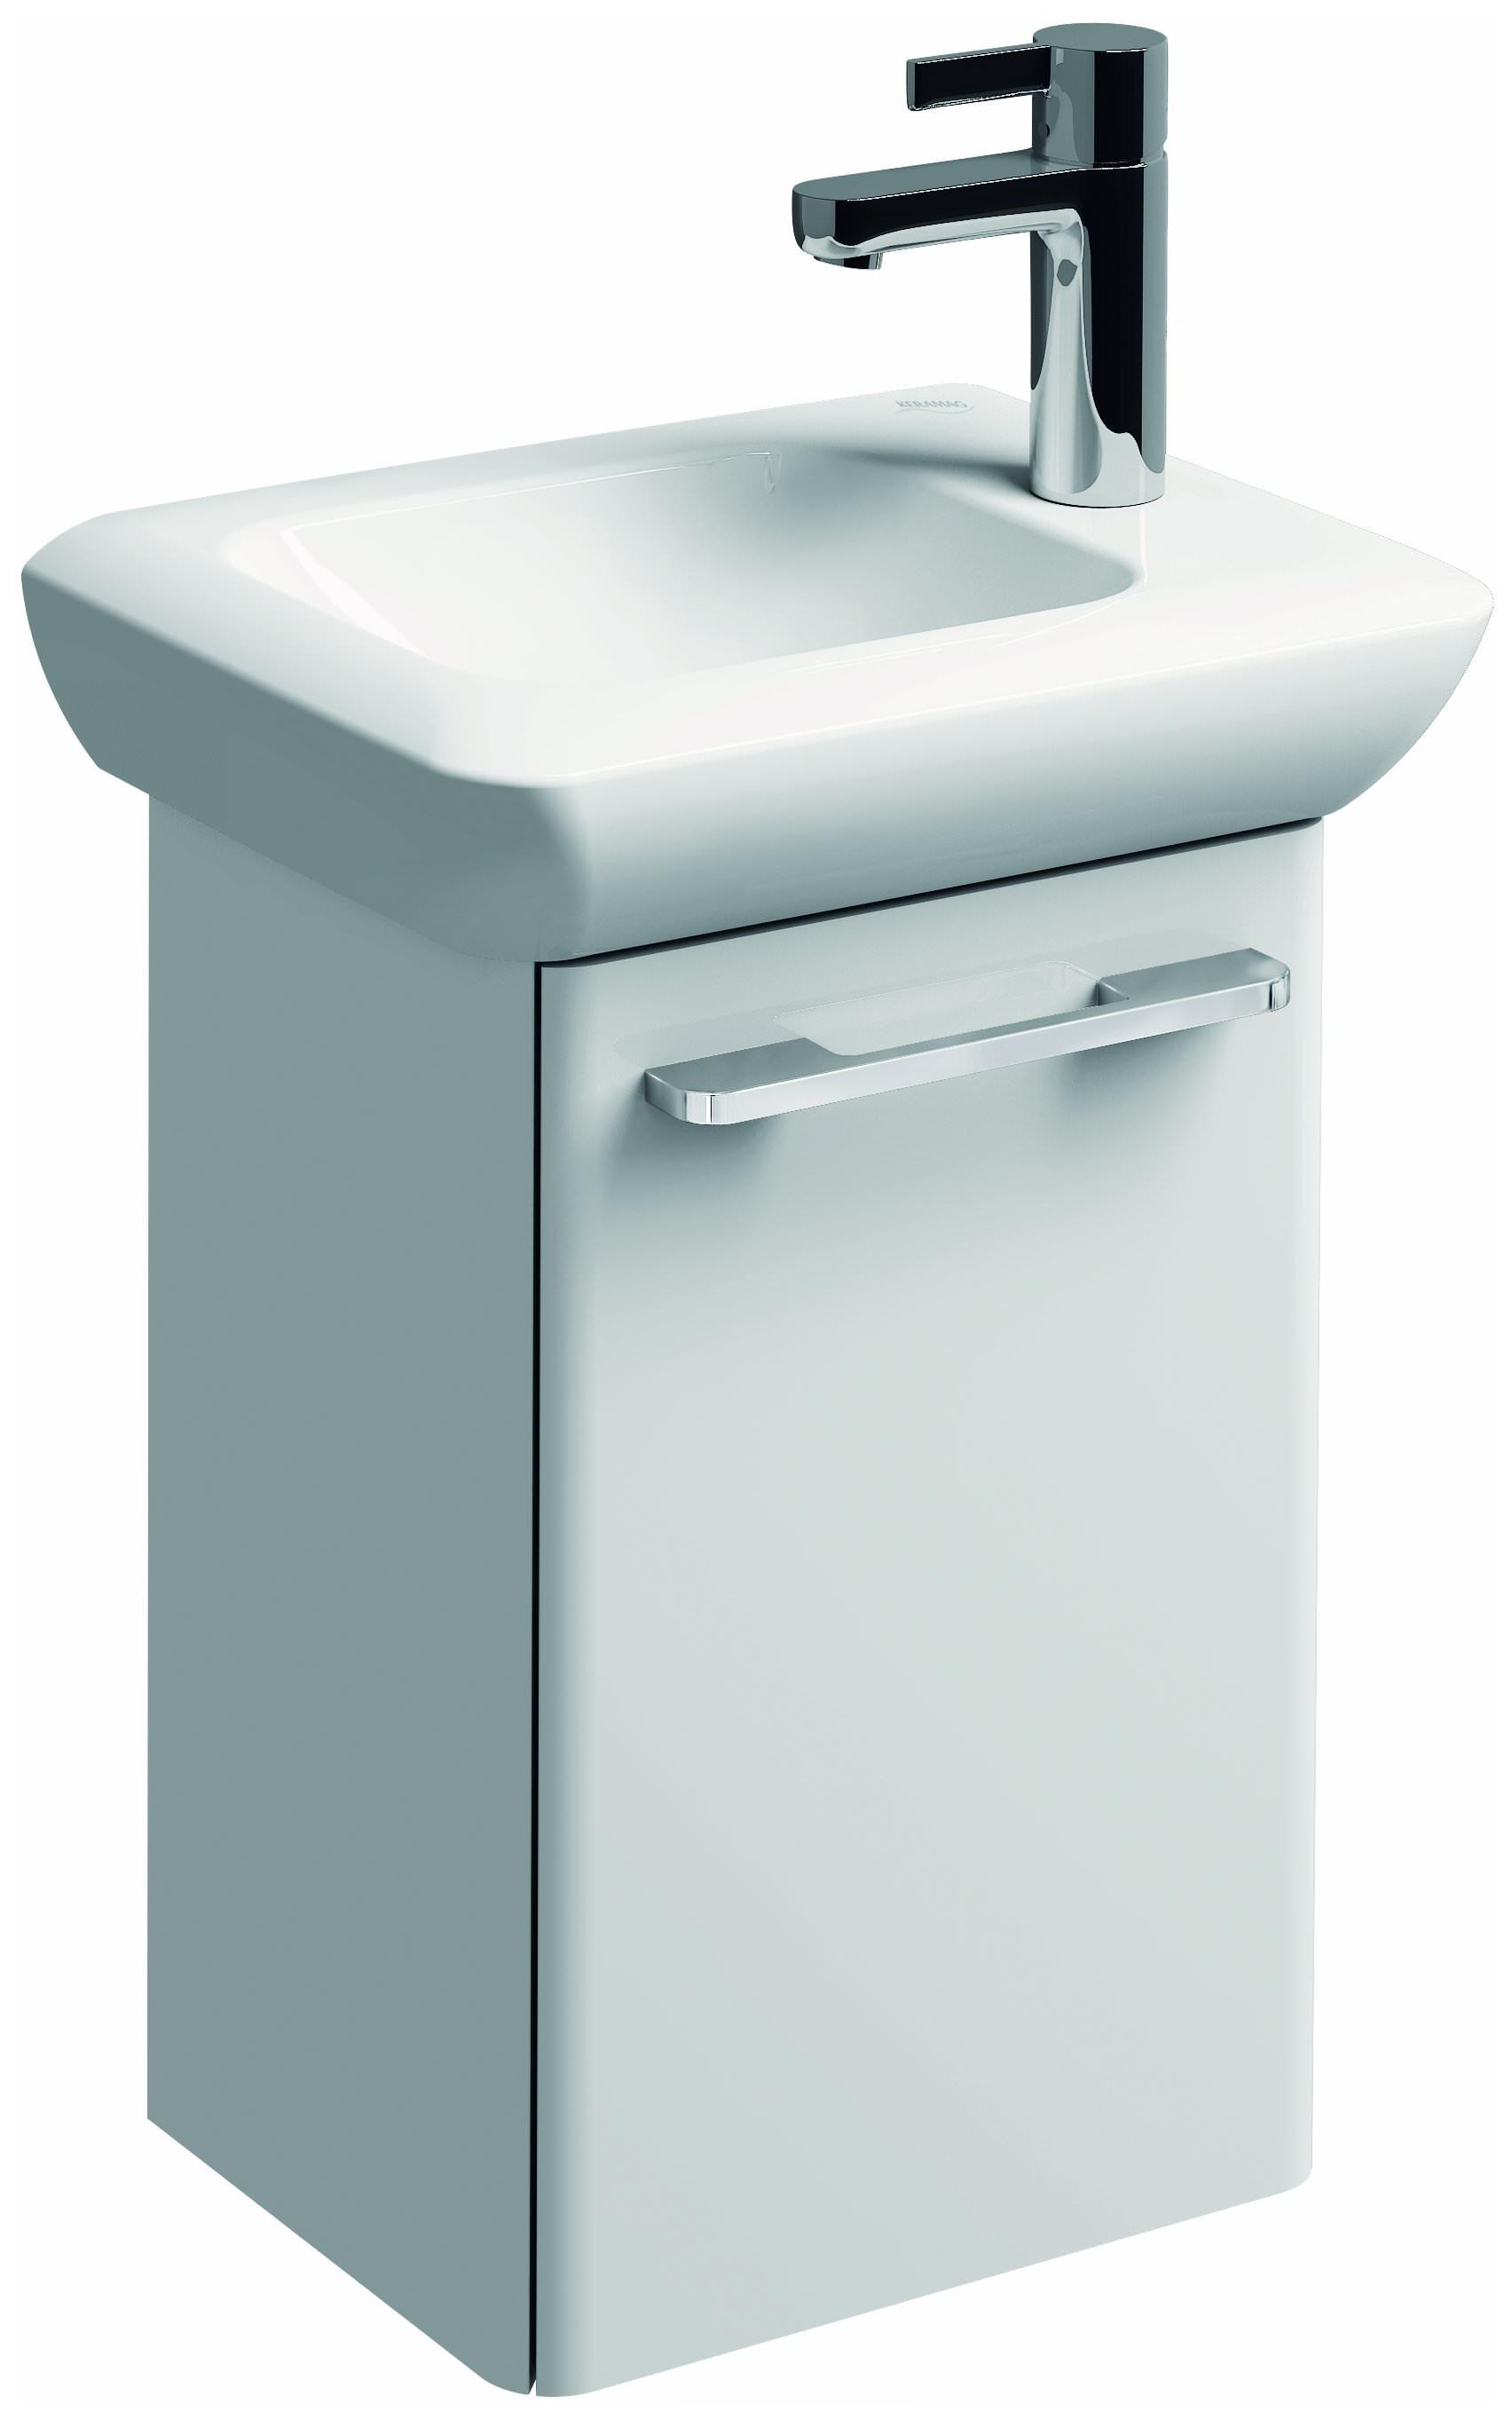 keramag it handwaschbecken ohne berlauf 400mm x 280mm hahnloch rechts wei alpin 271940000. Black Bedroom Furniture Sets. Home Design Ideas